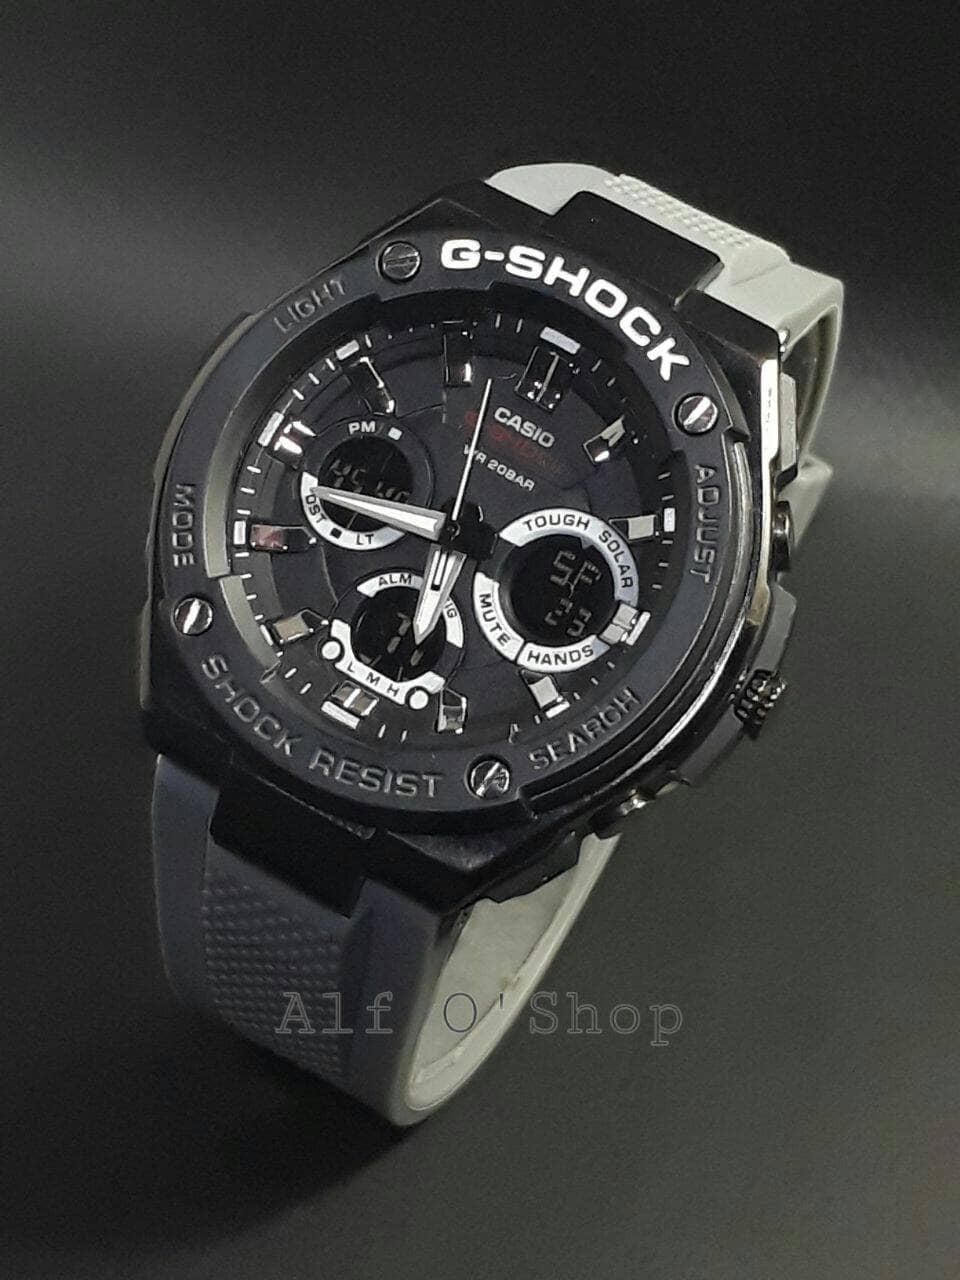 Info Harga Jam Tangan G Shock Gst S110 Terbaru Termurah November Casio S110bd 1a2dr Pria Murah Gst210b Gray Black